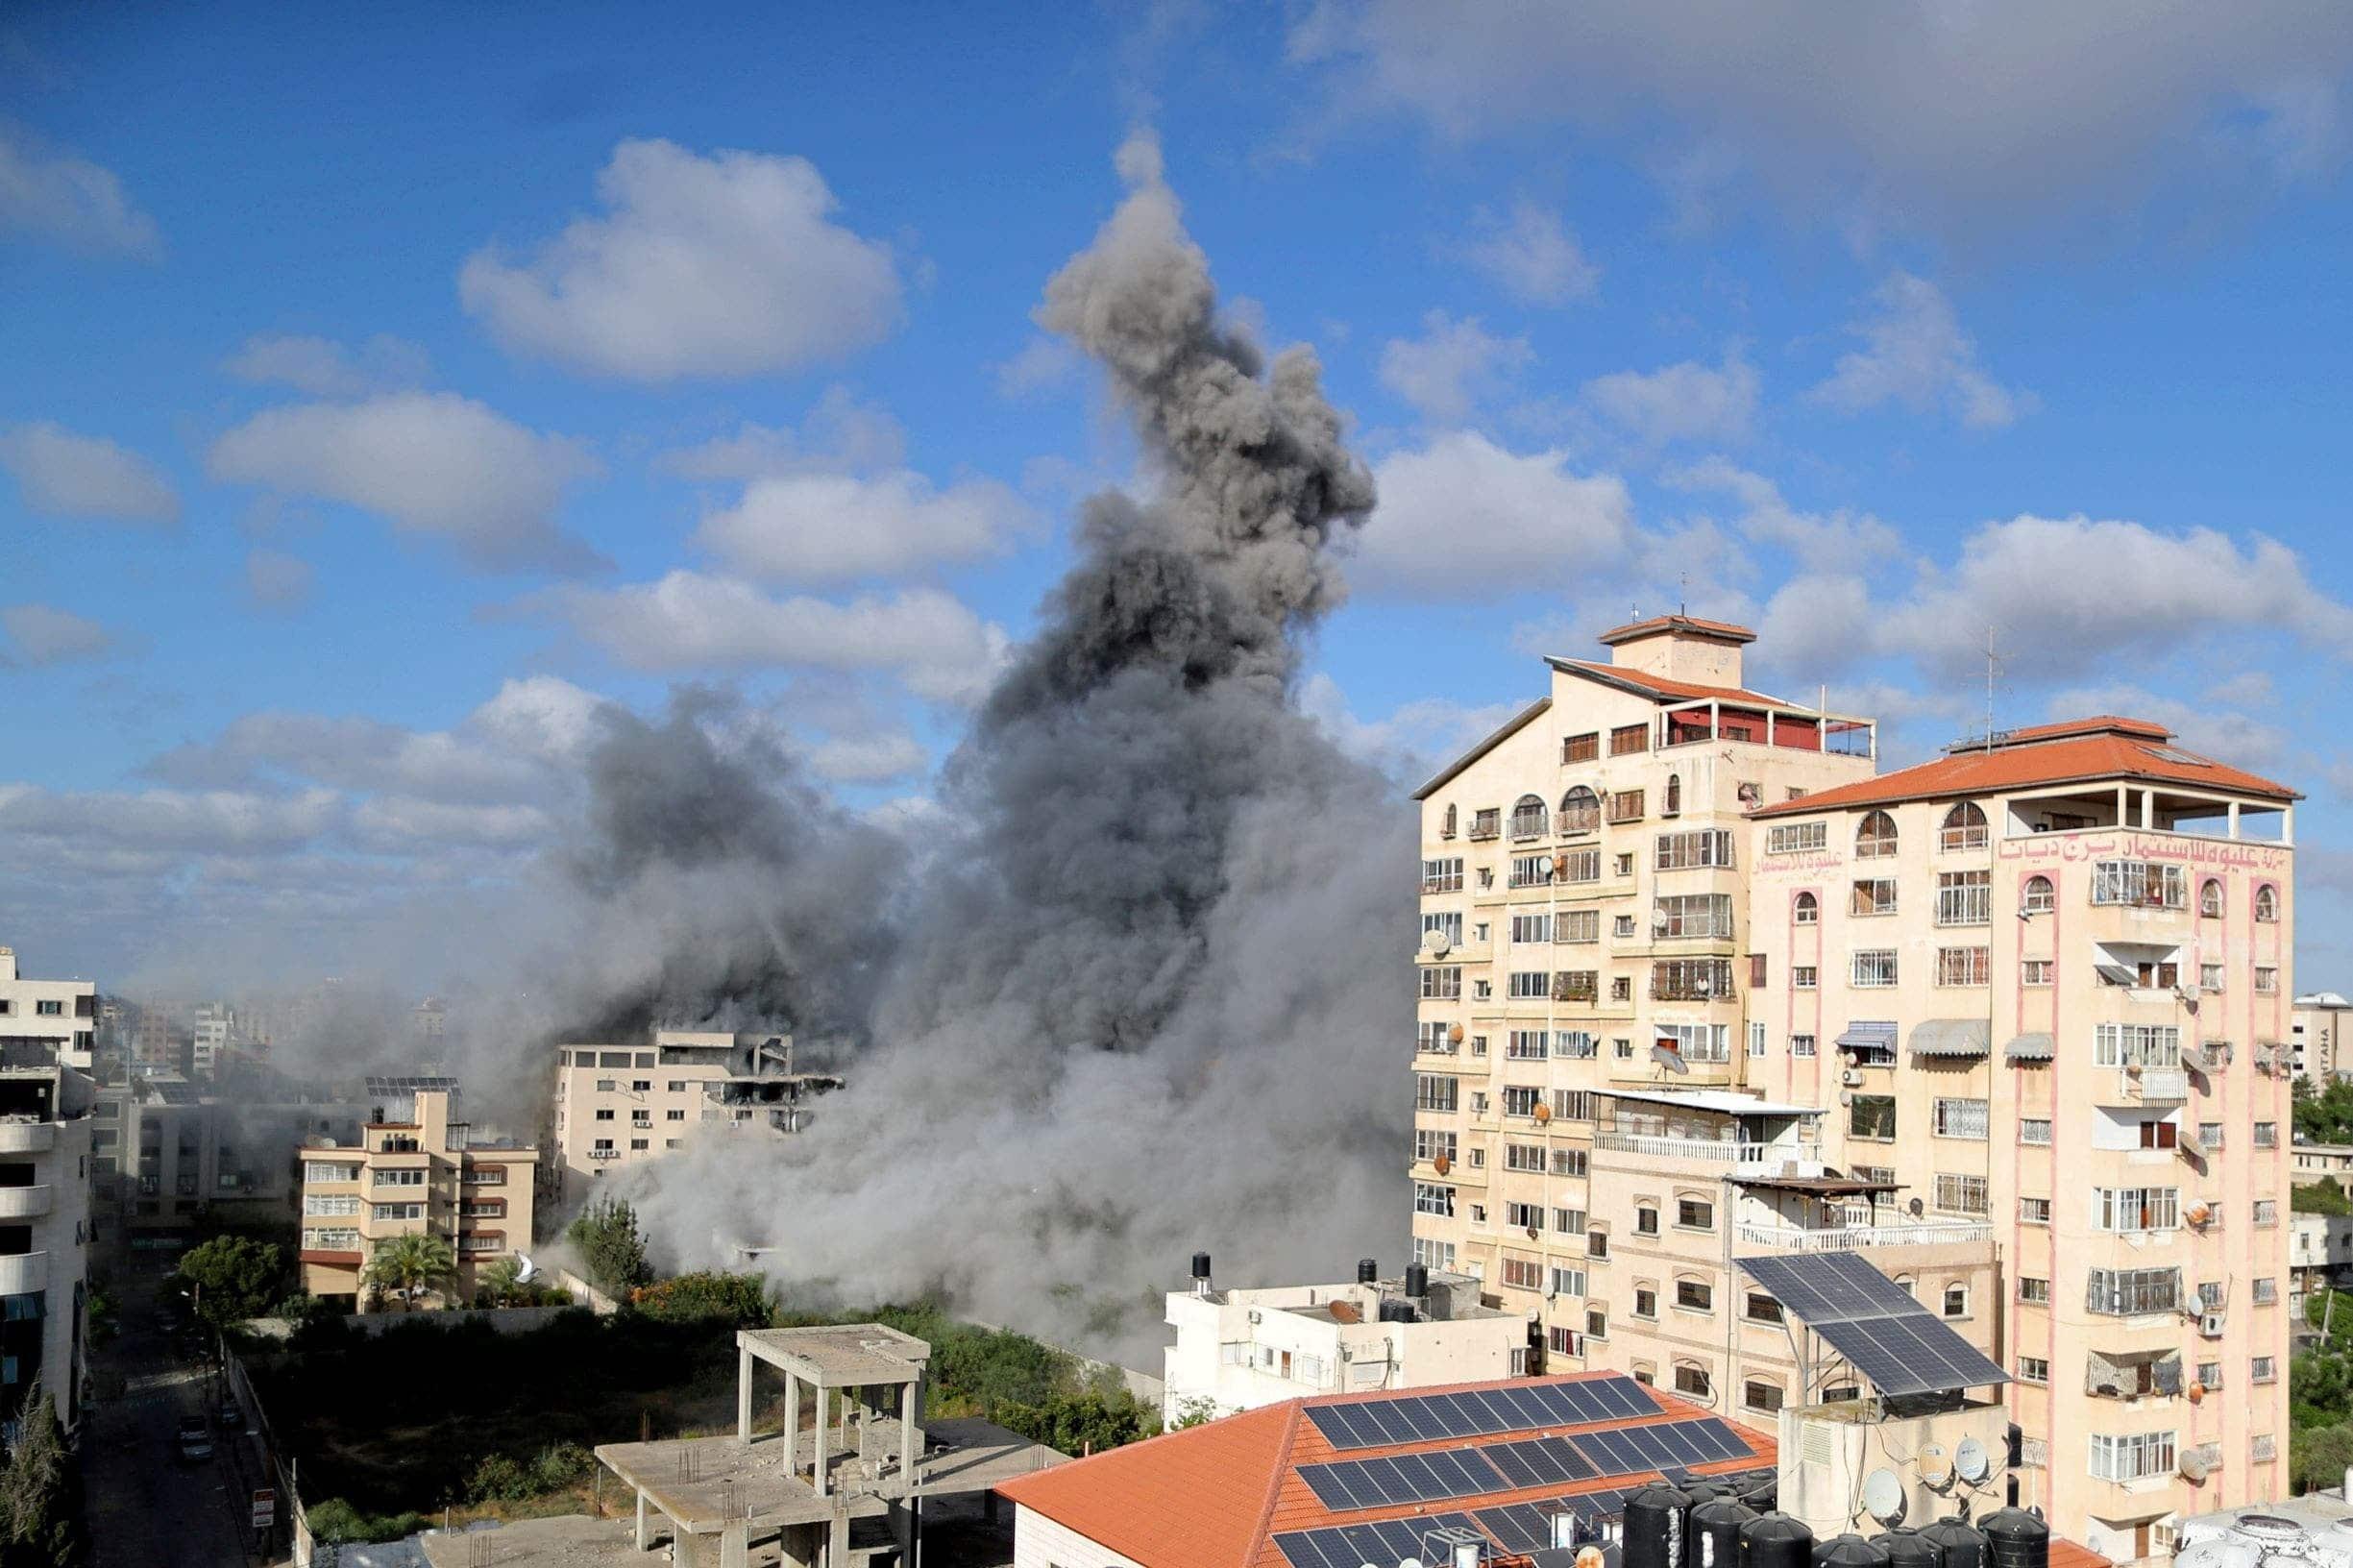 إسرائيل دمرت (184) برجاً ومنزلاً في غزة ونفذت أكثر من (1800) غارة جوية والخسائر فادحة